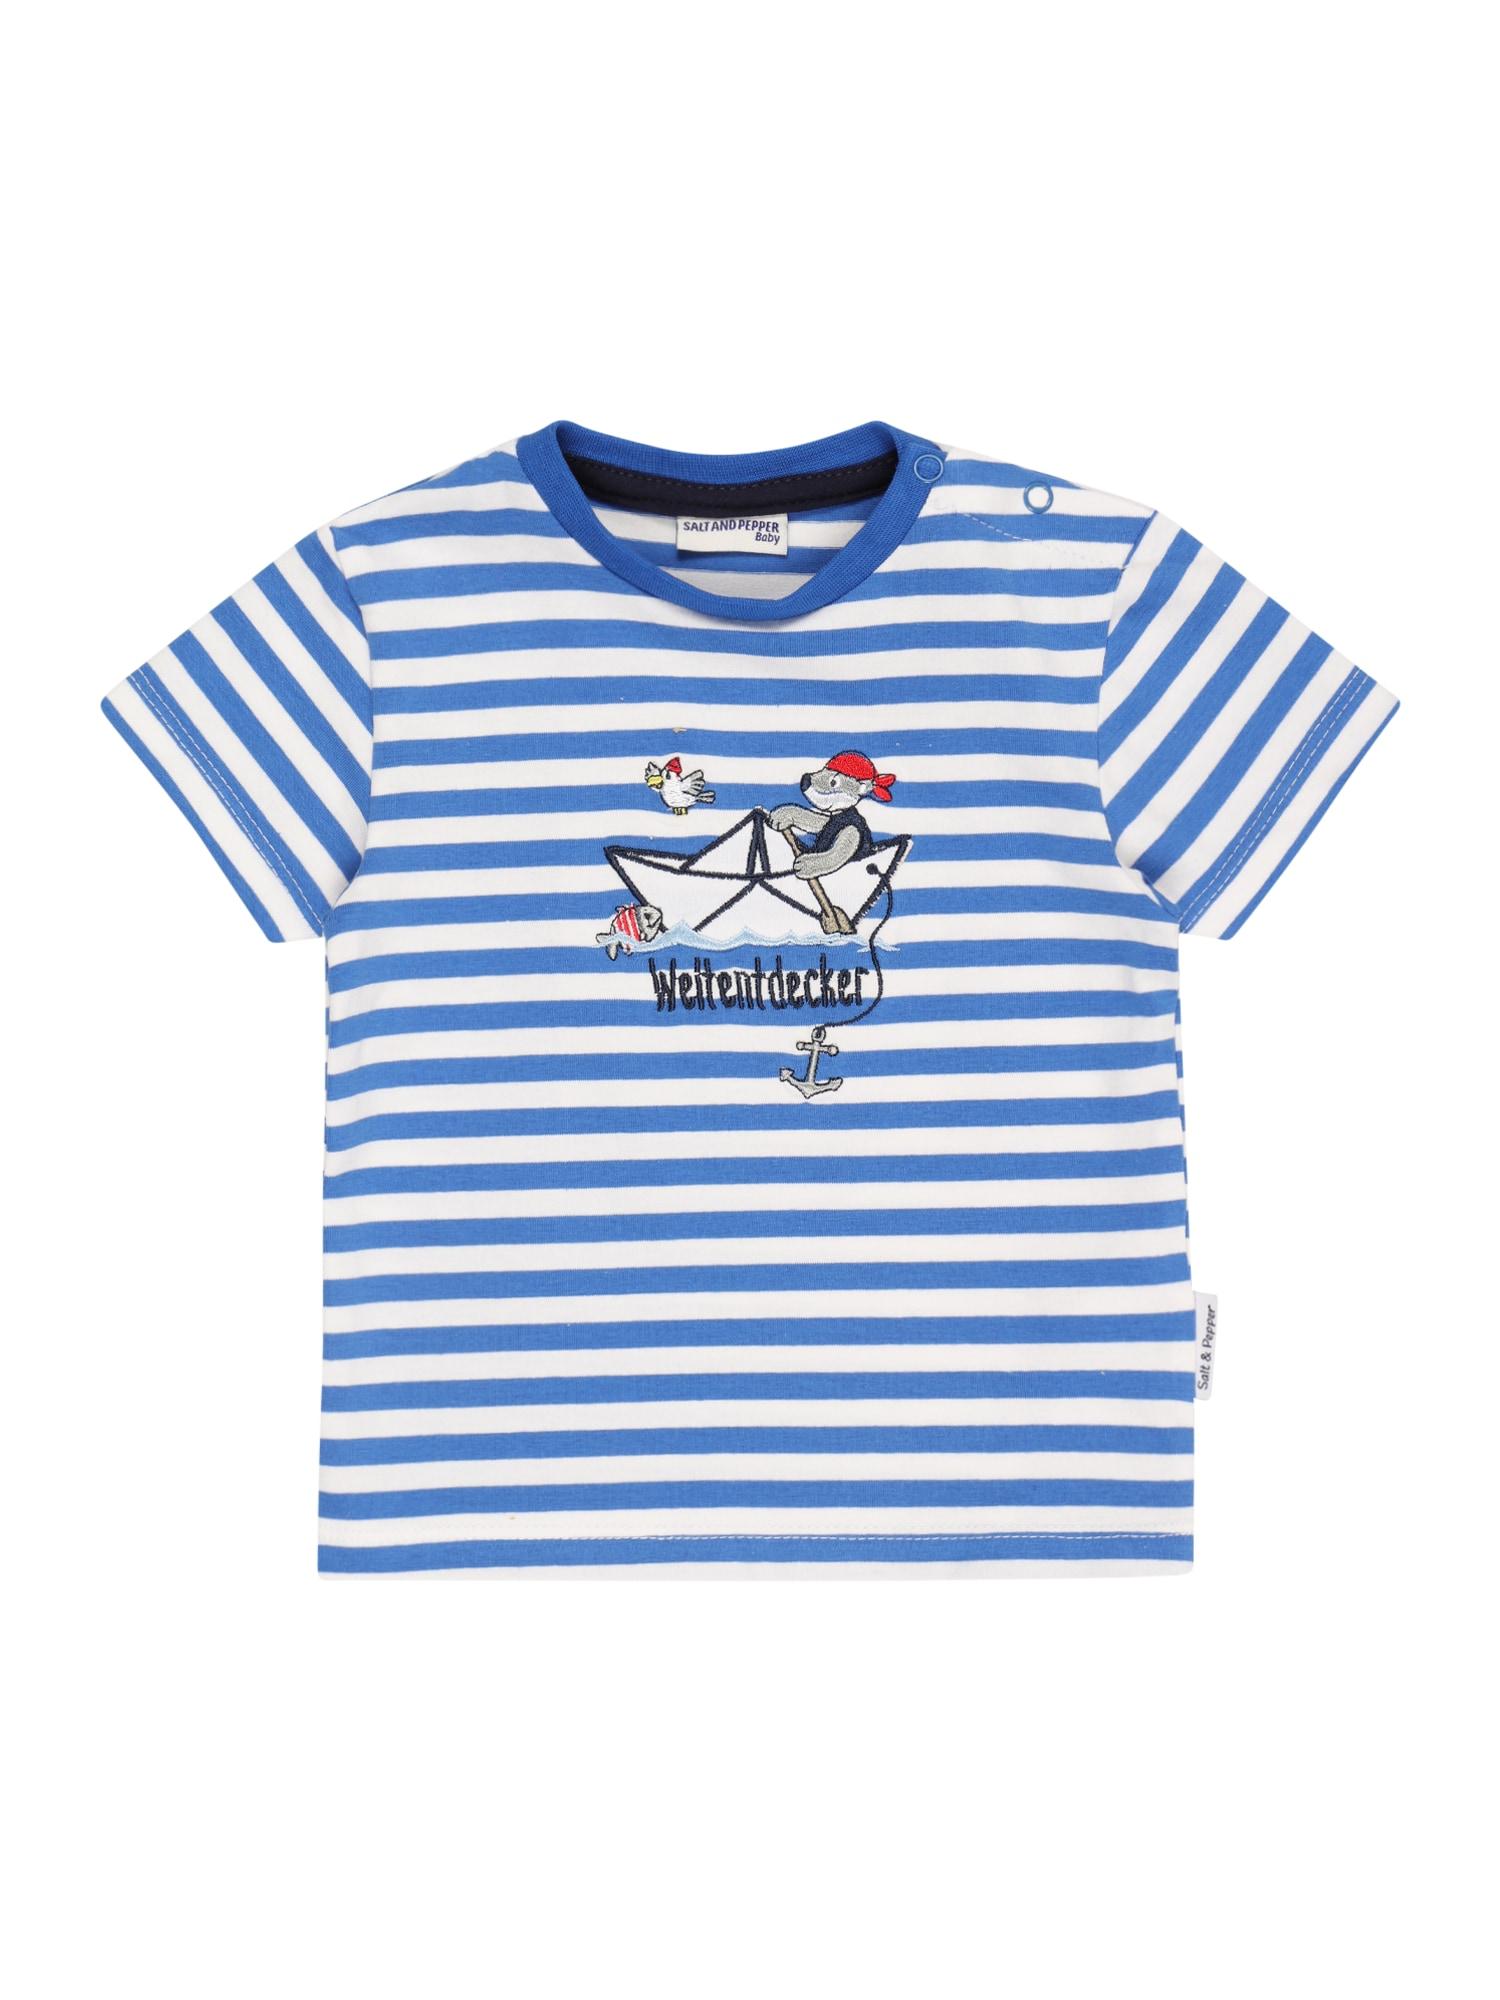 SALT AND PEPPER Marškinėliai dangaus žydra / balta / tamsiai mėlyna / raudona